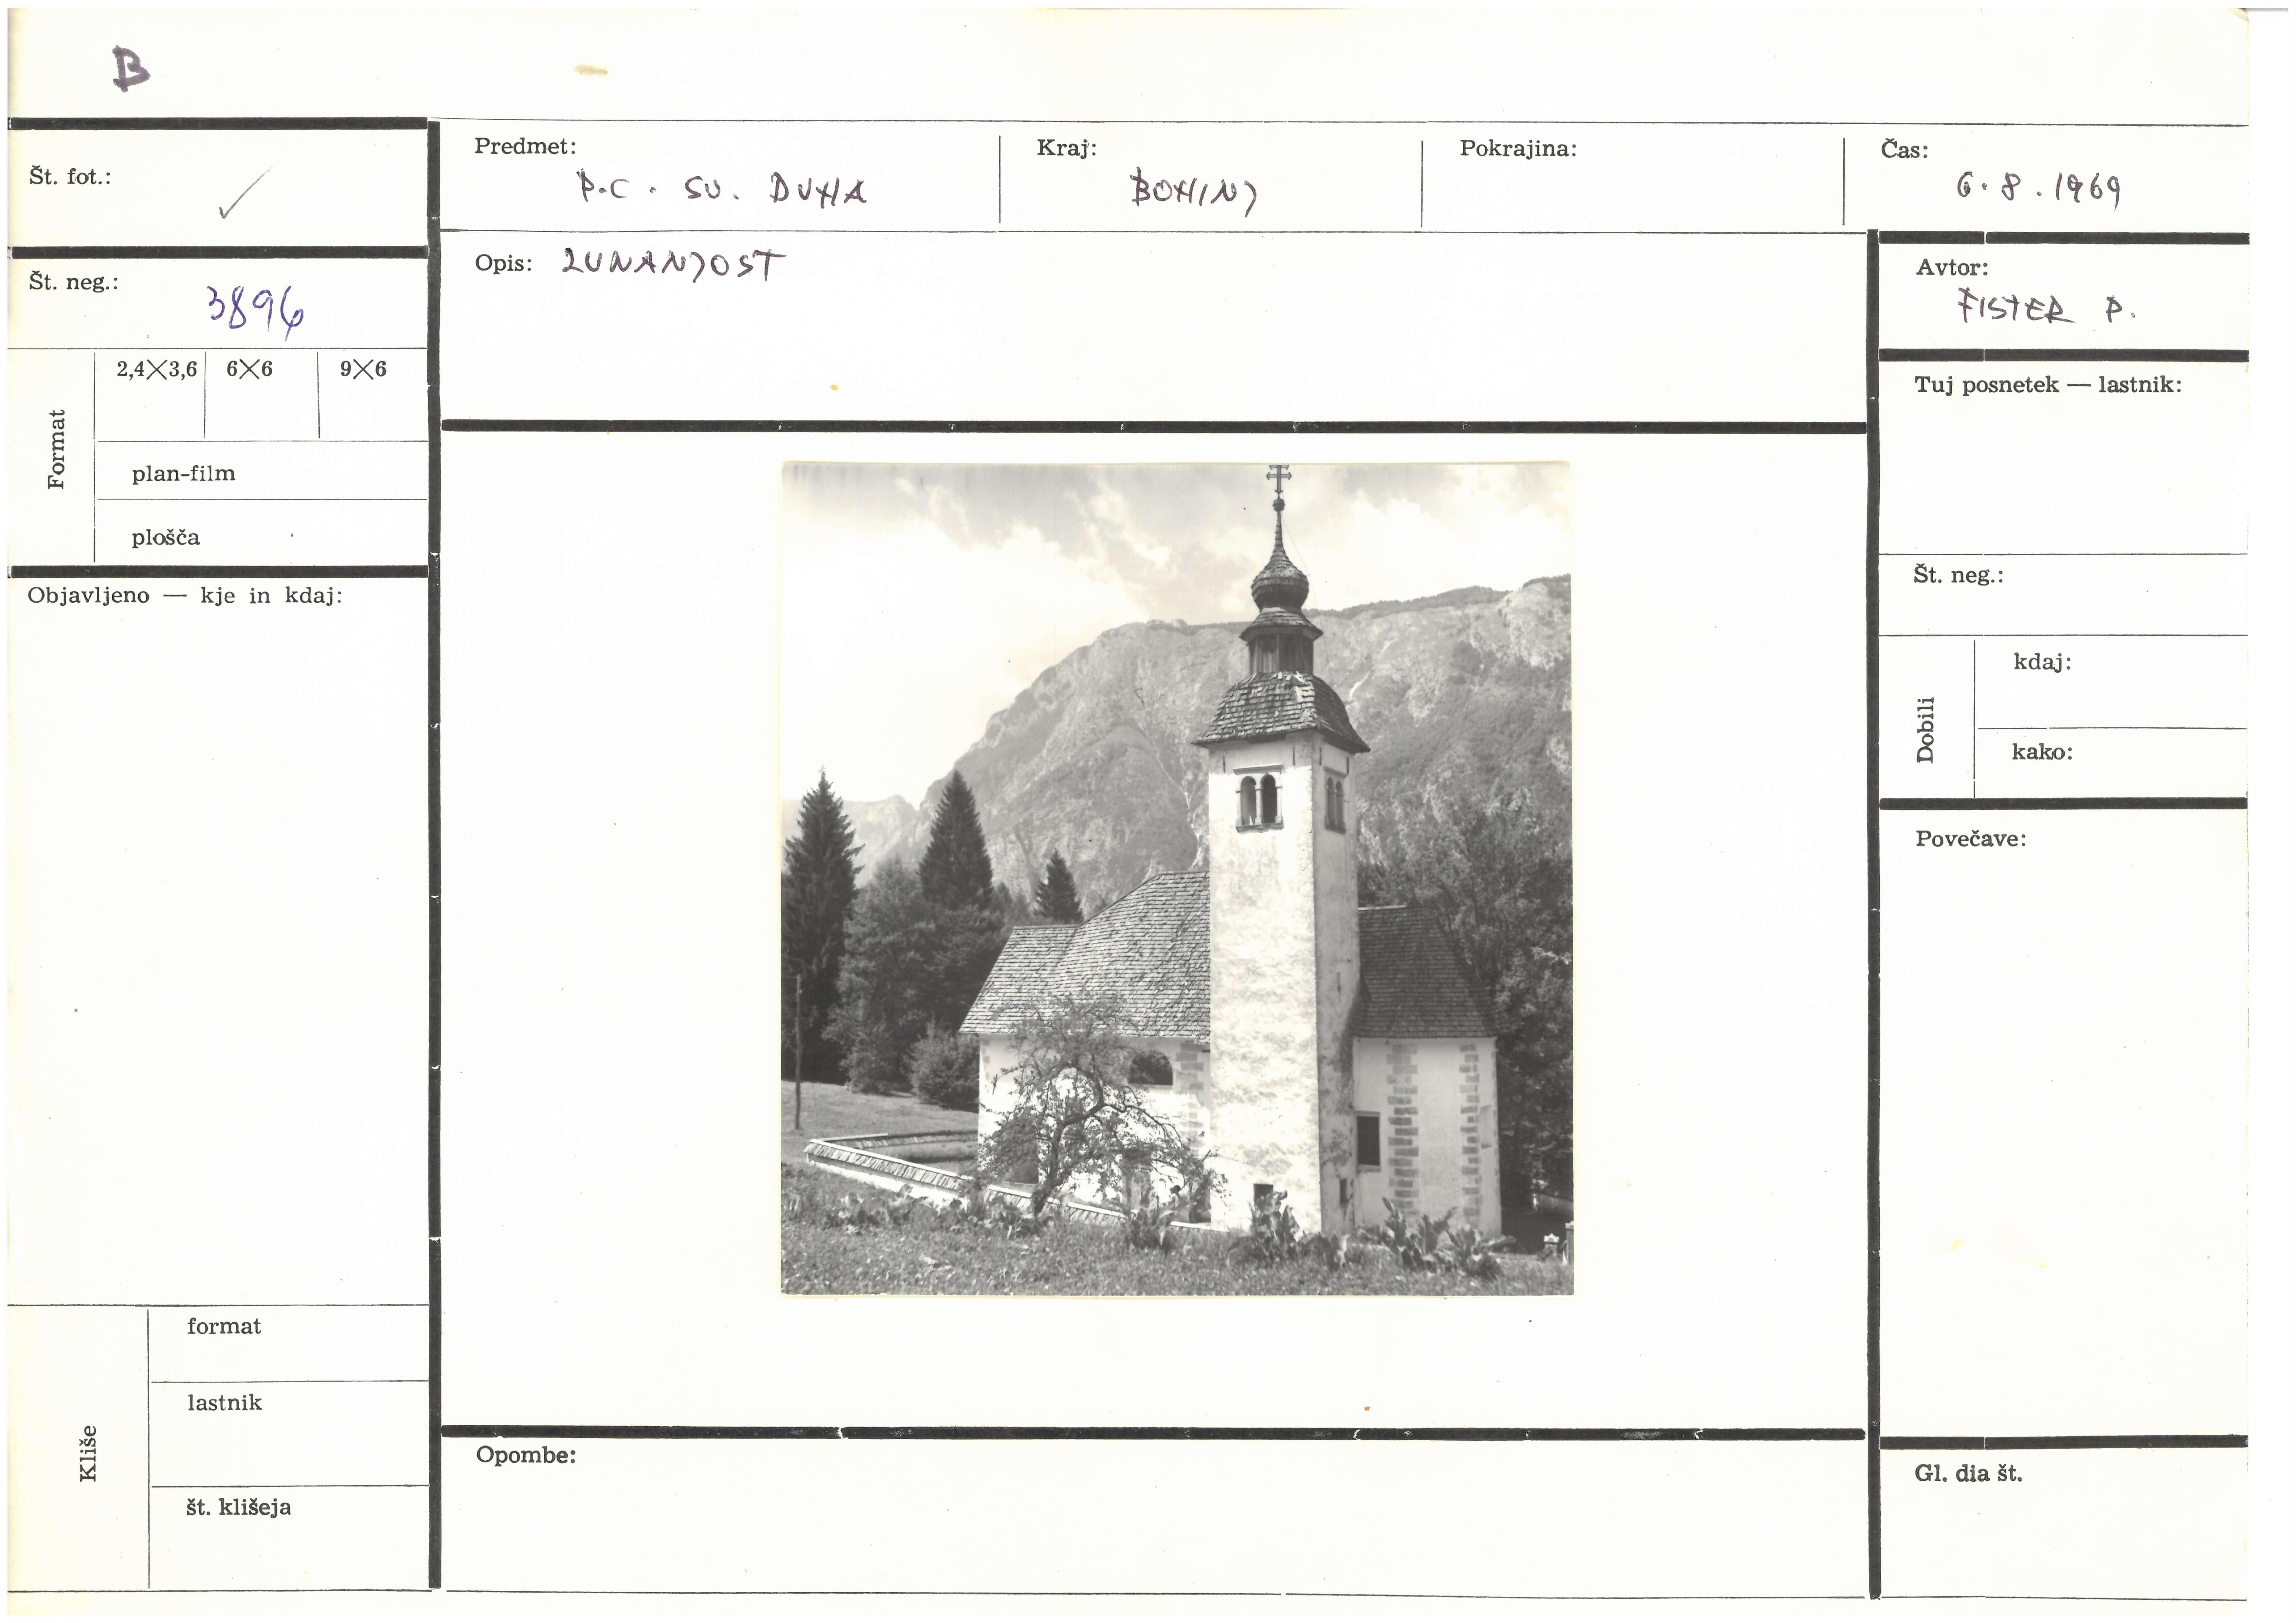 ZVKDS, Fotokarton s Fistrovo fotografijo cerkve sv. Duha v Bohinju, 1969